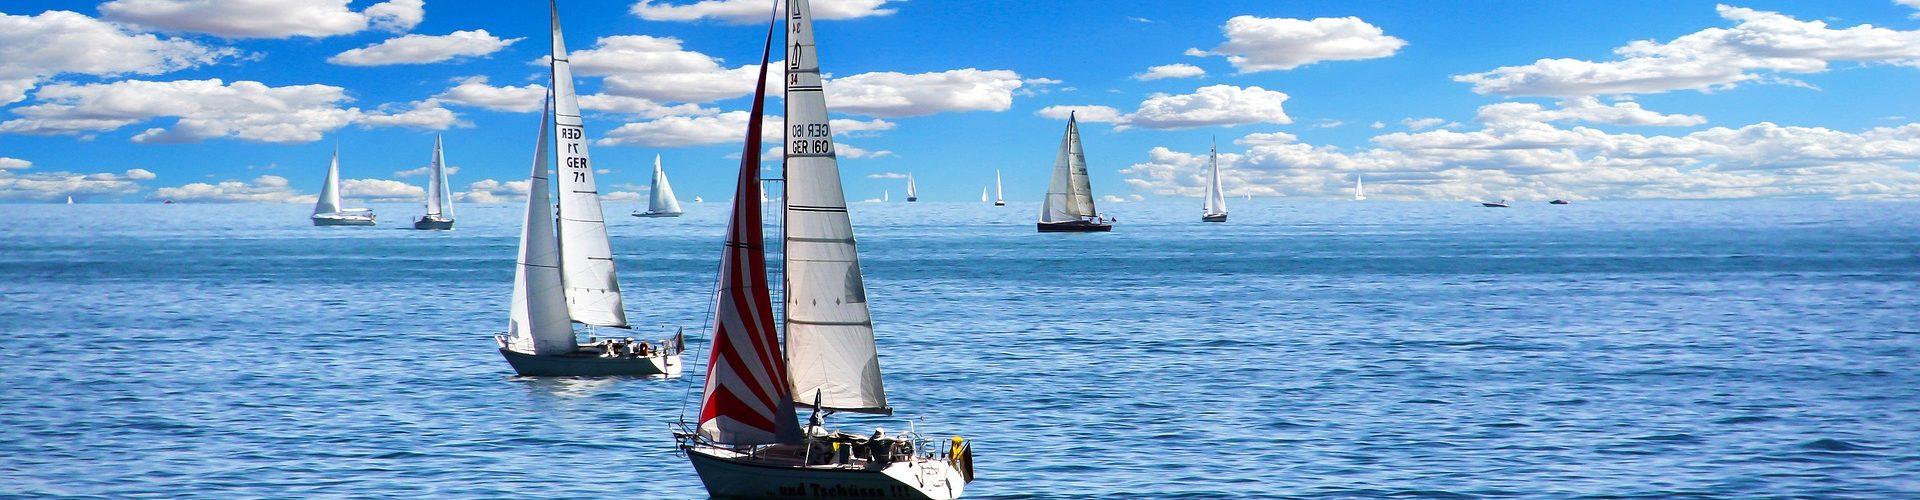 segeln lernen in Waren Müritz segelschein machen in Waren Müritz 1920x500 - Segeln lernen in Waren (Müritz)